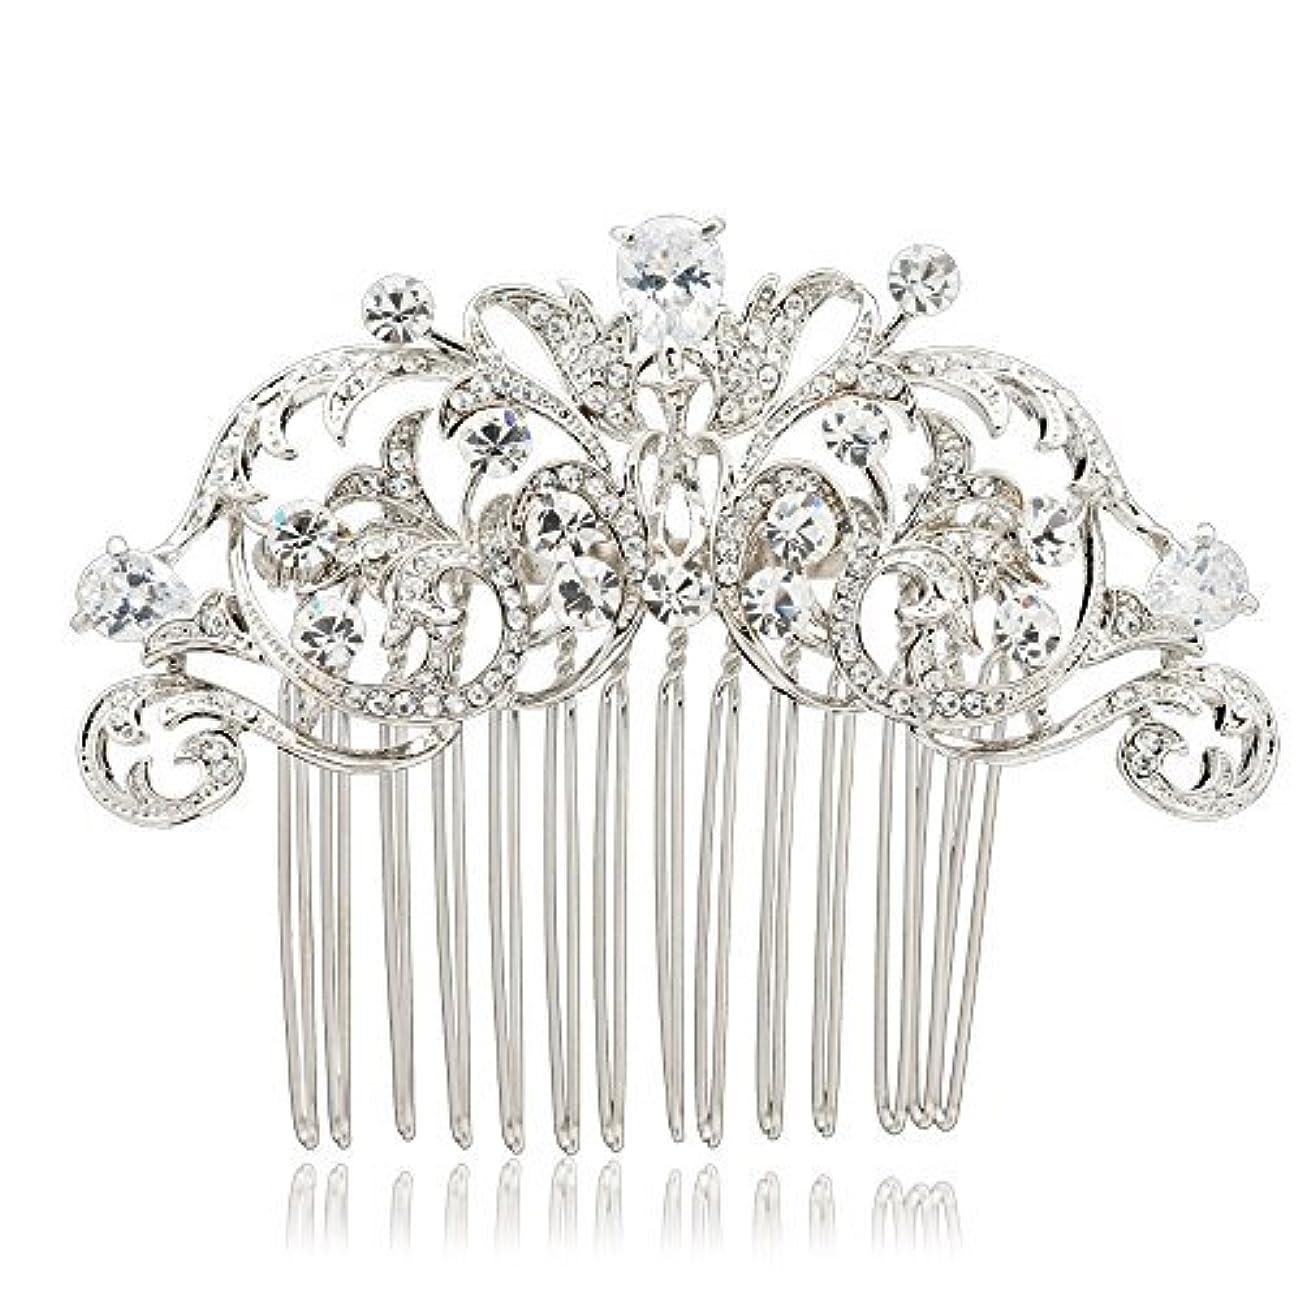 キャストすることになっている旋回SEPBRIDALS Crystal Rhinestone Hair Side Comb Pins Bridal Wedding Women Hair Accessories Jewelry 2253R [並行輸入品]